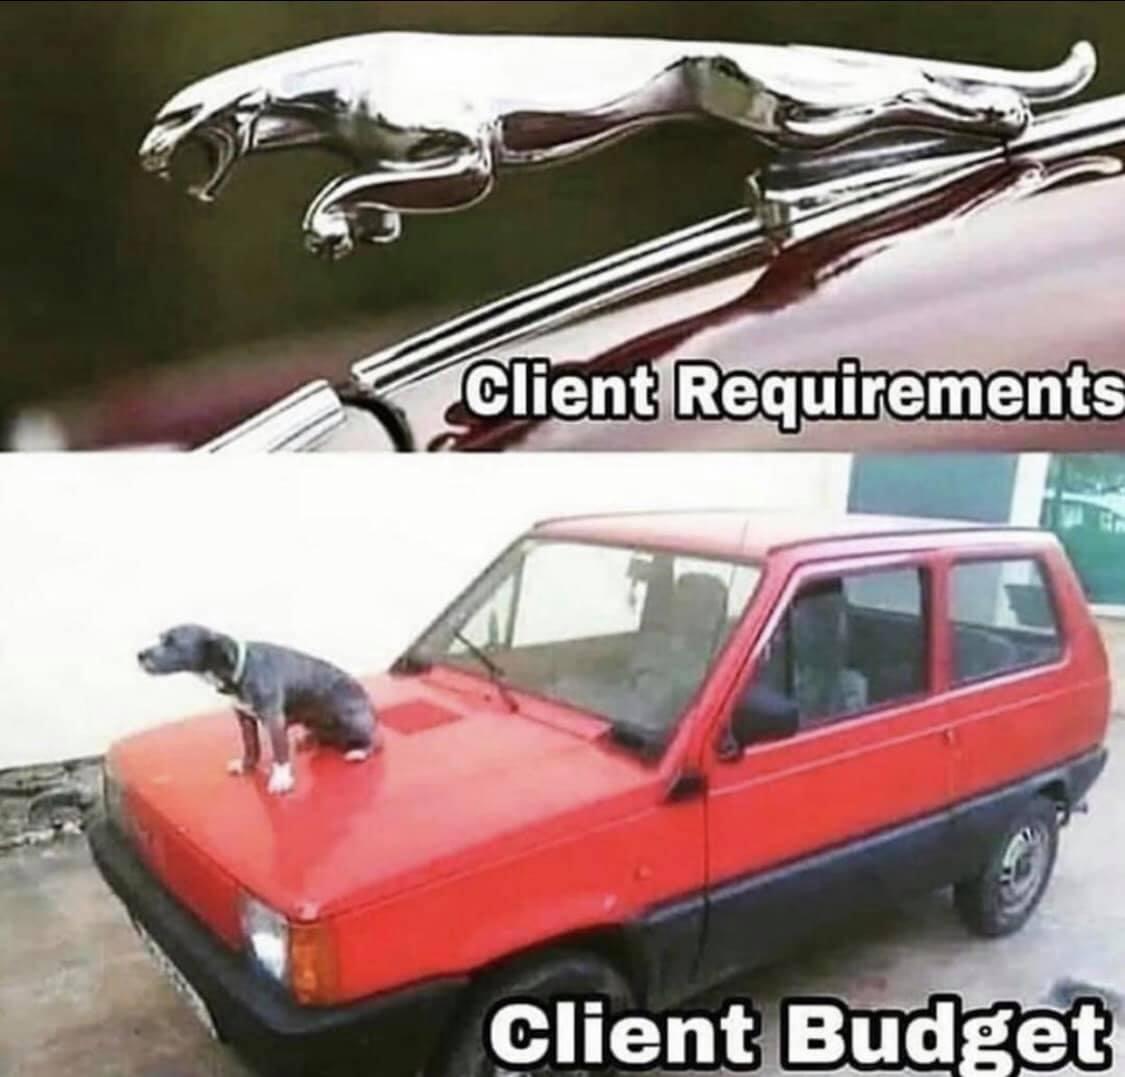 client-requirements-client-budget